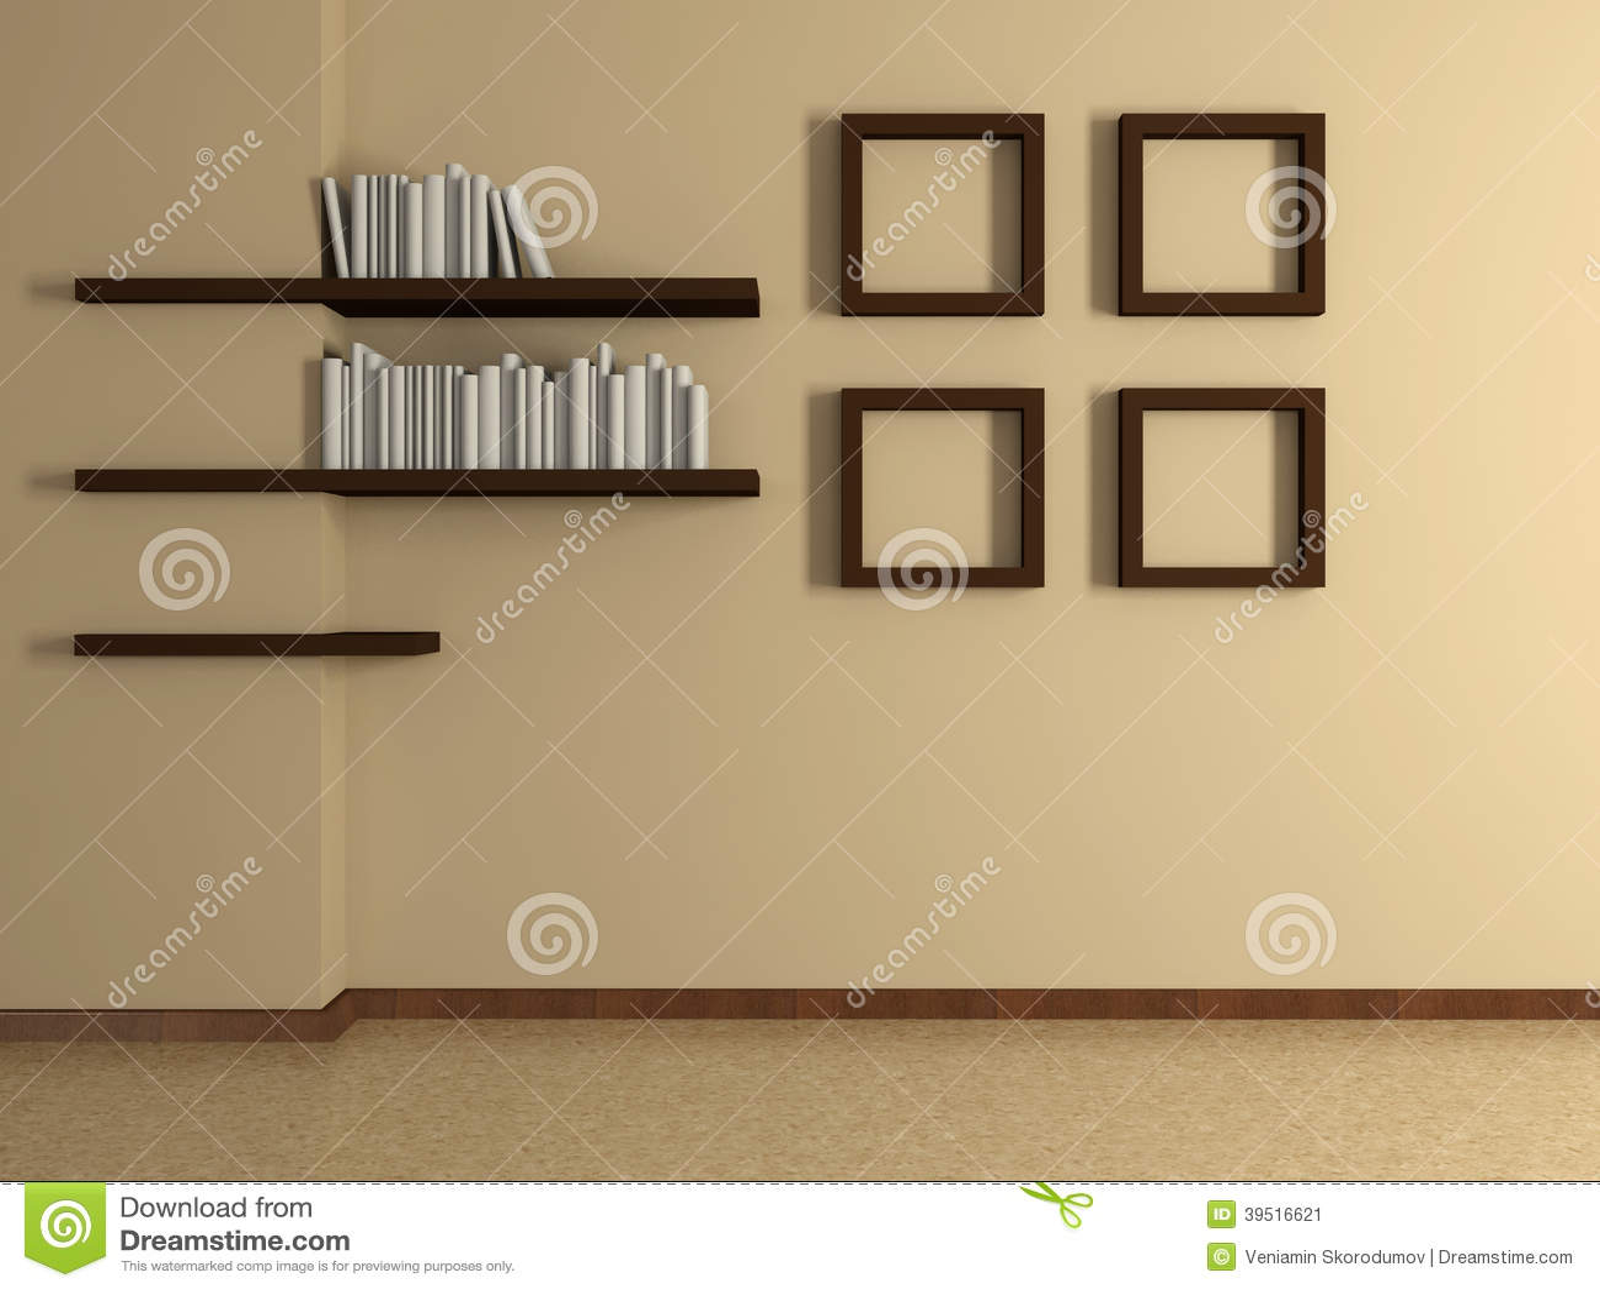 Intãrieur ã la maison moderne vec quatre peintures t ãtagã¨res